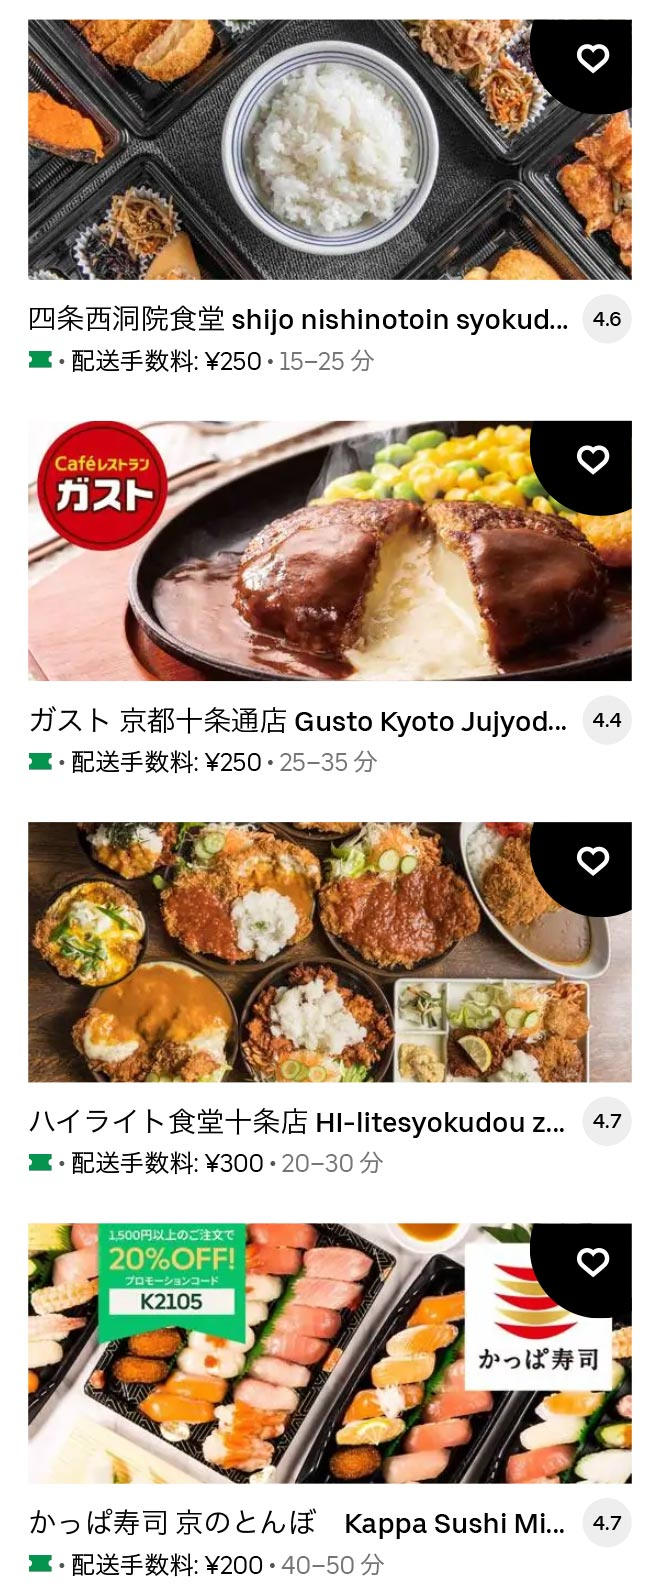 U kyoto 2105 07